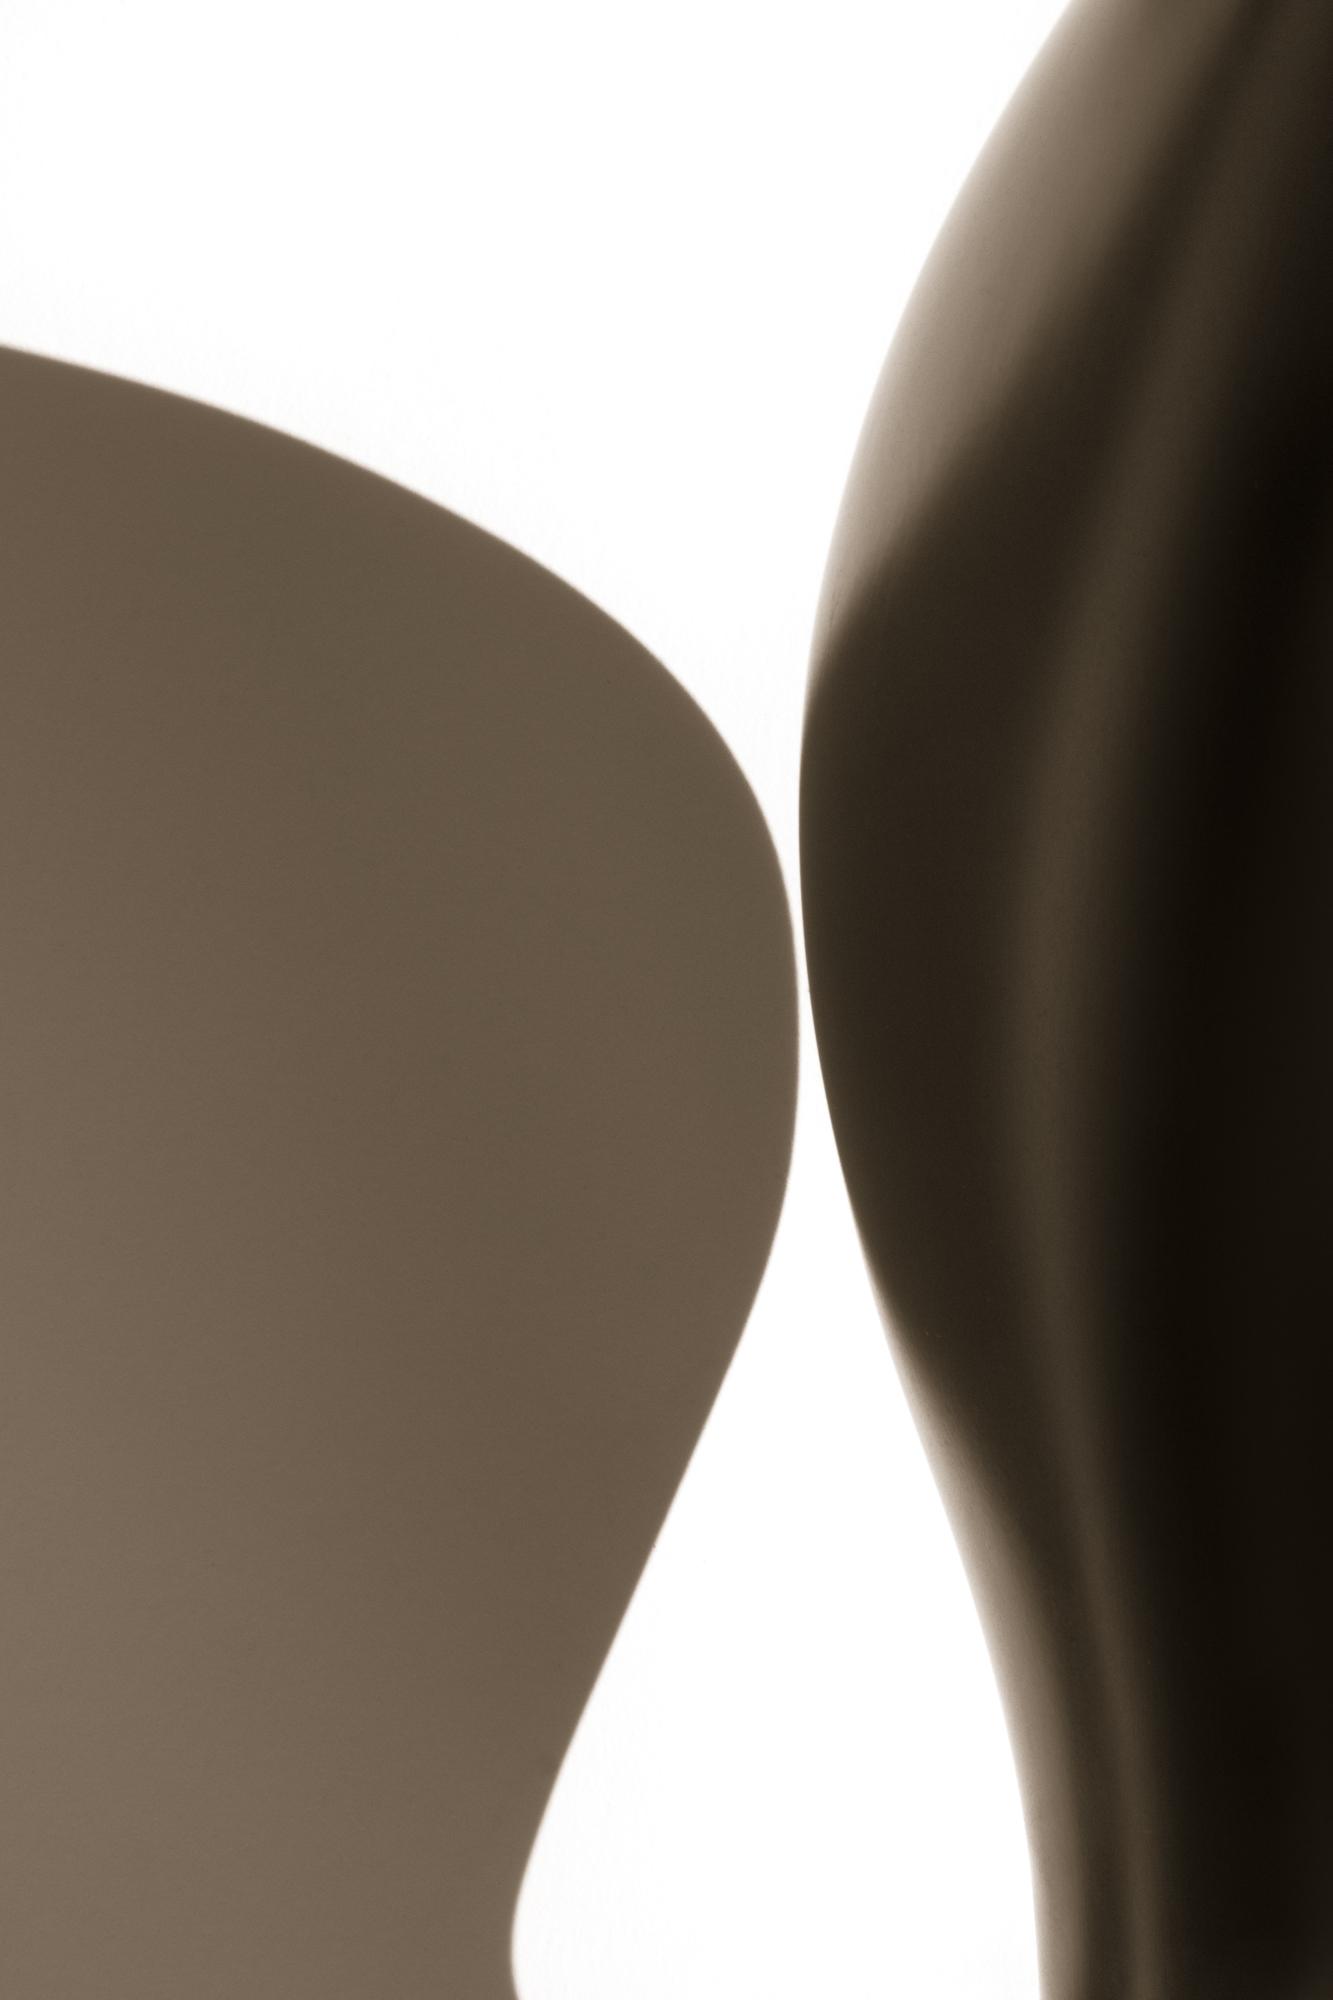 Form + Shadow IV